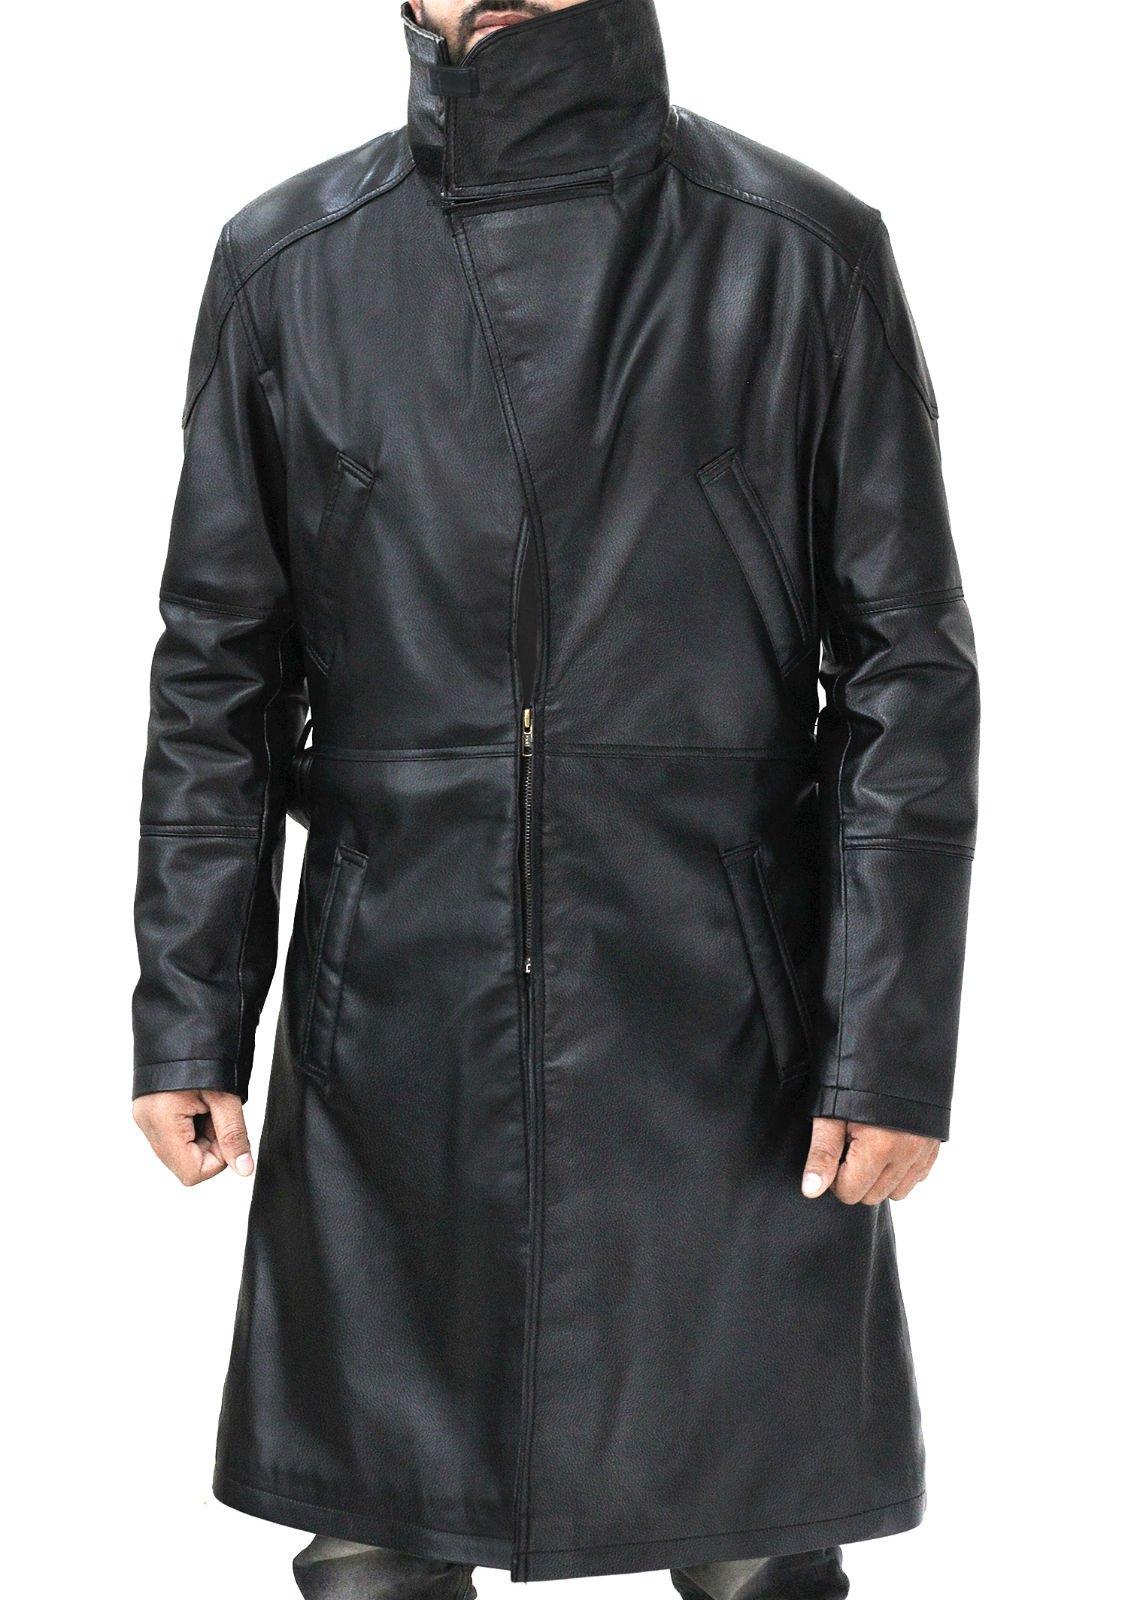 Fur Lapel Officer K Trench Ryan Black Blade Leather Runner Coat